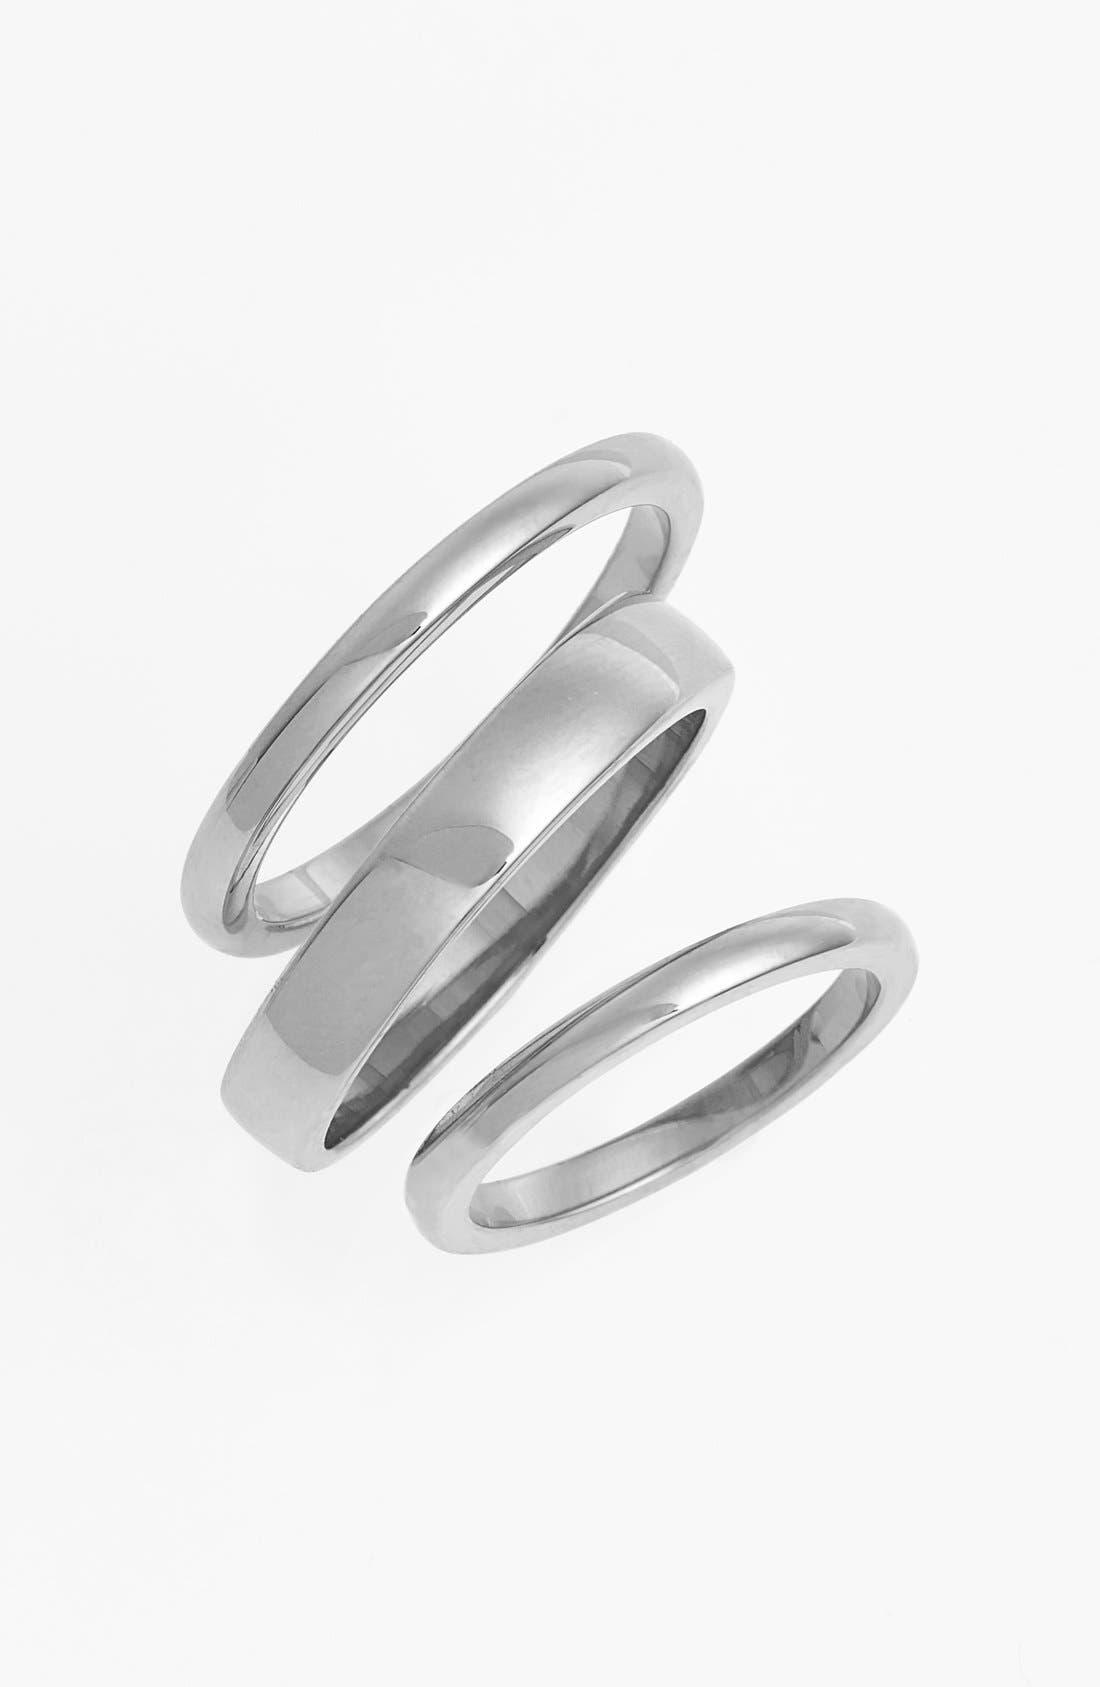 Main Image - Ariella Collection Band Rings & Midi Ring (Set of 3)